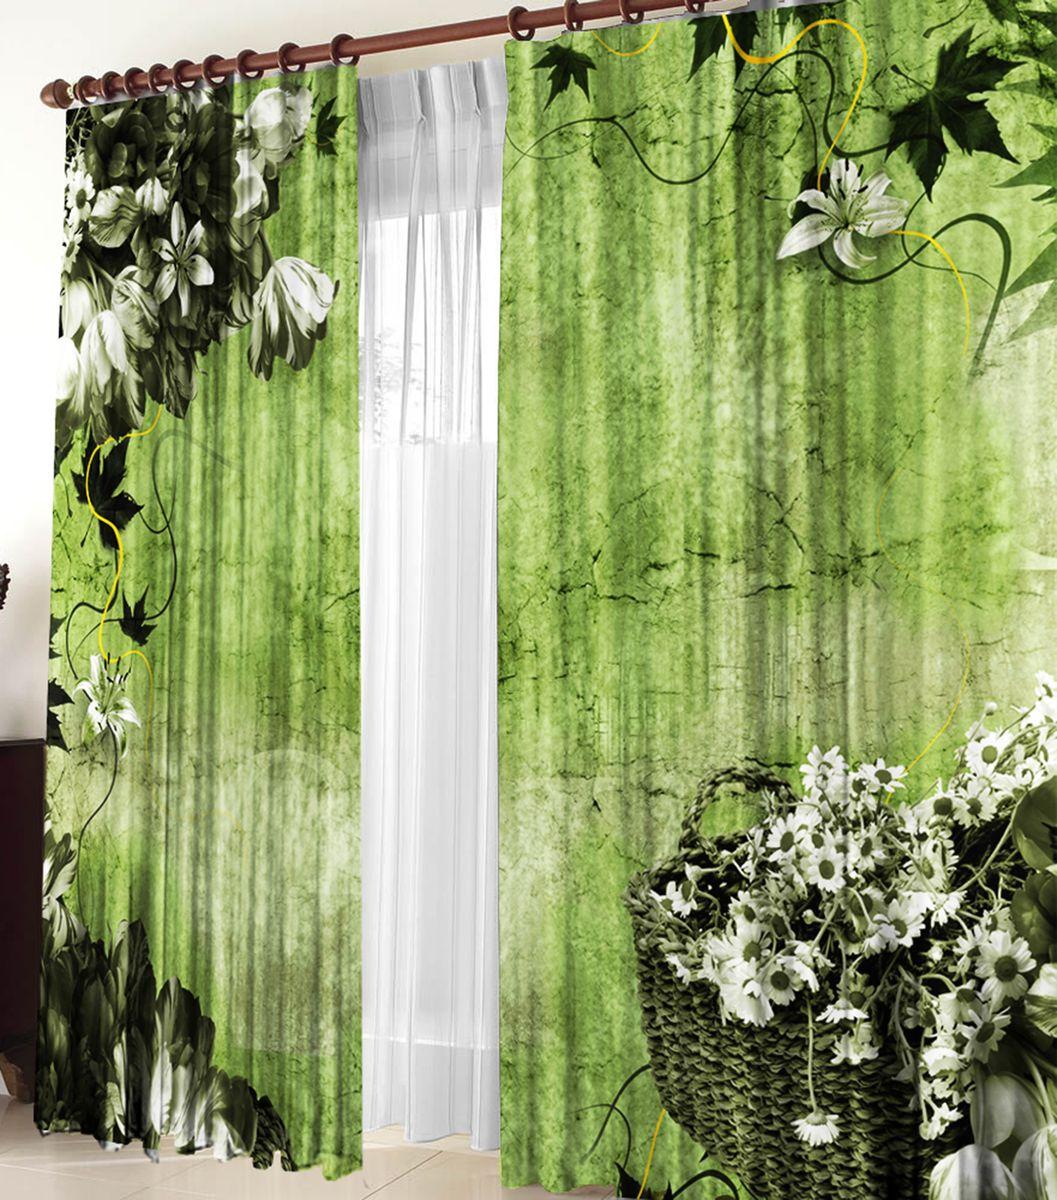 Комплект фотоштор Zlata Korunka Оливия, на ленте, высота 270 см21097Для производства используется габардиновая ткань высочайшего качества. Фотошторы способны не пропускать самый яркий свет, их можно гладить и стирать. Уход: Бережная стирка при 30 градусах, деликатный отжим, отбеливание запрещено, гладить при t не более 150С. Светопоглощение 70%. Плотность ткани - 150 г/м2. Размер: шир. 150 х выс.270.х2 . Оттенок изделия может отличаться от представленного на сайте в силу особенностей цветопередачи фототехники и Вашего монитора.